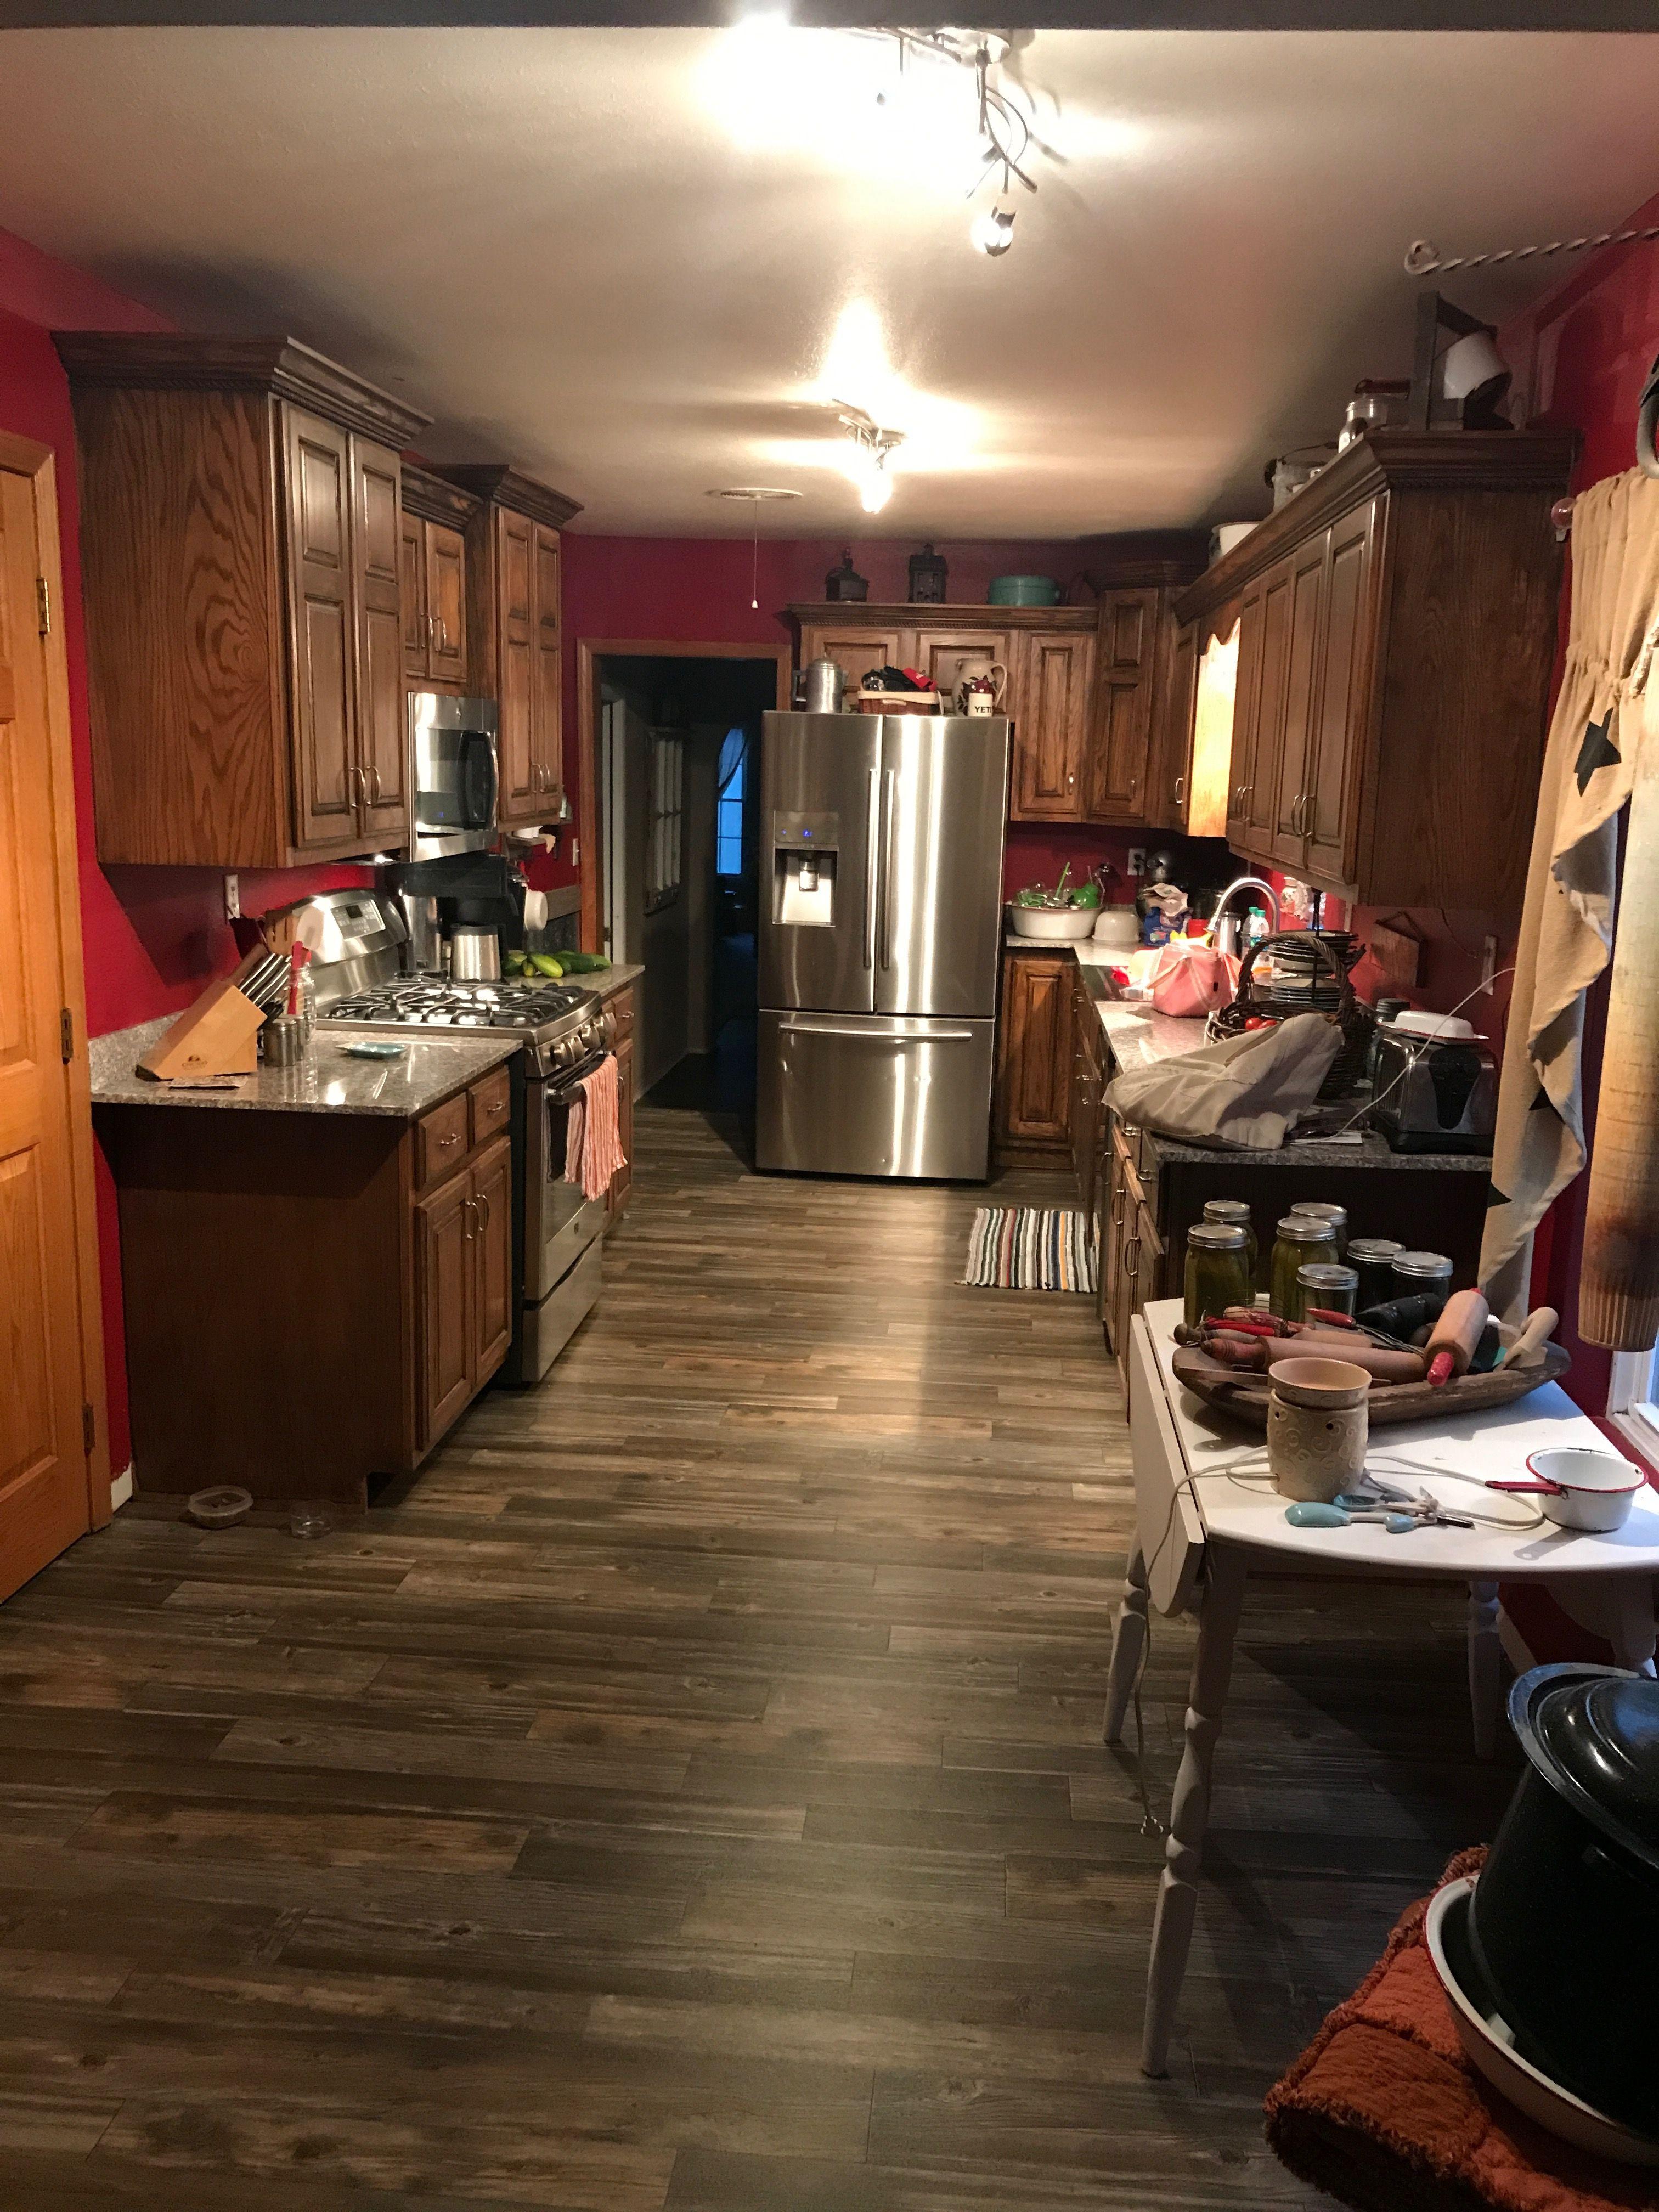 sheet vinyl rustic wood look flooring  updated kitchen